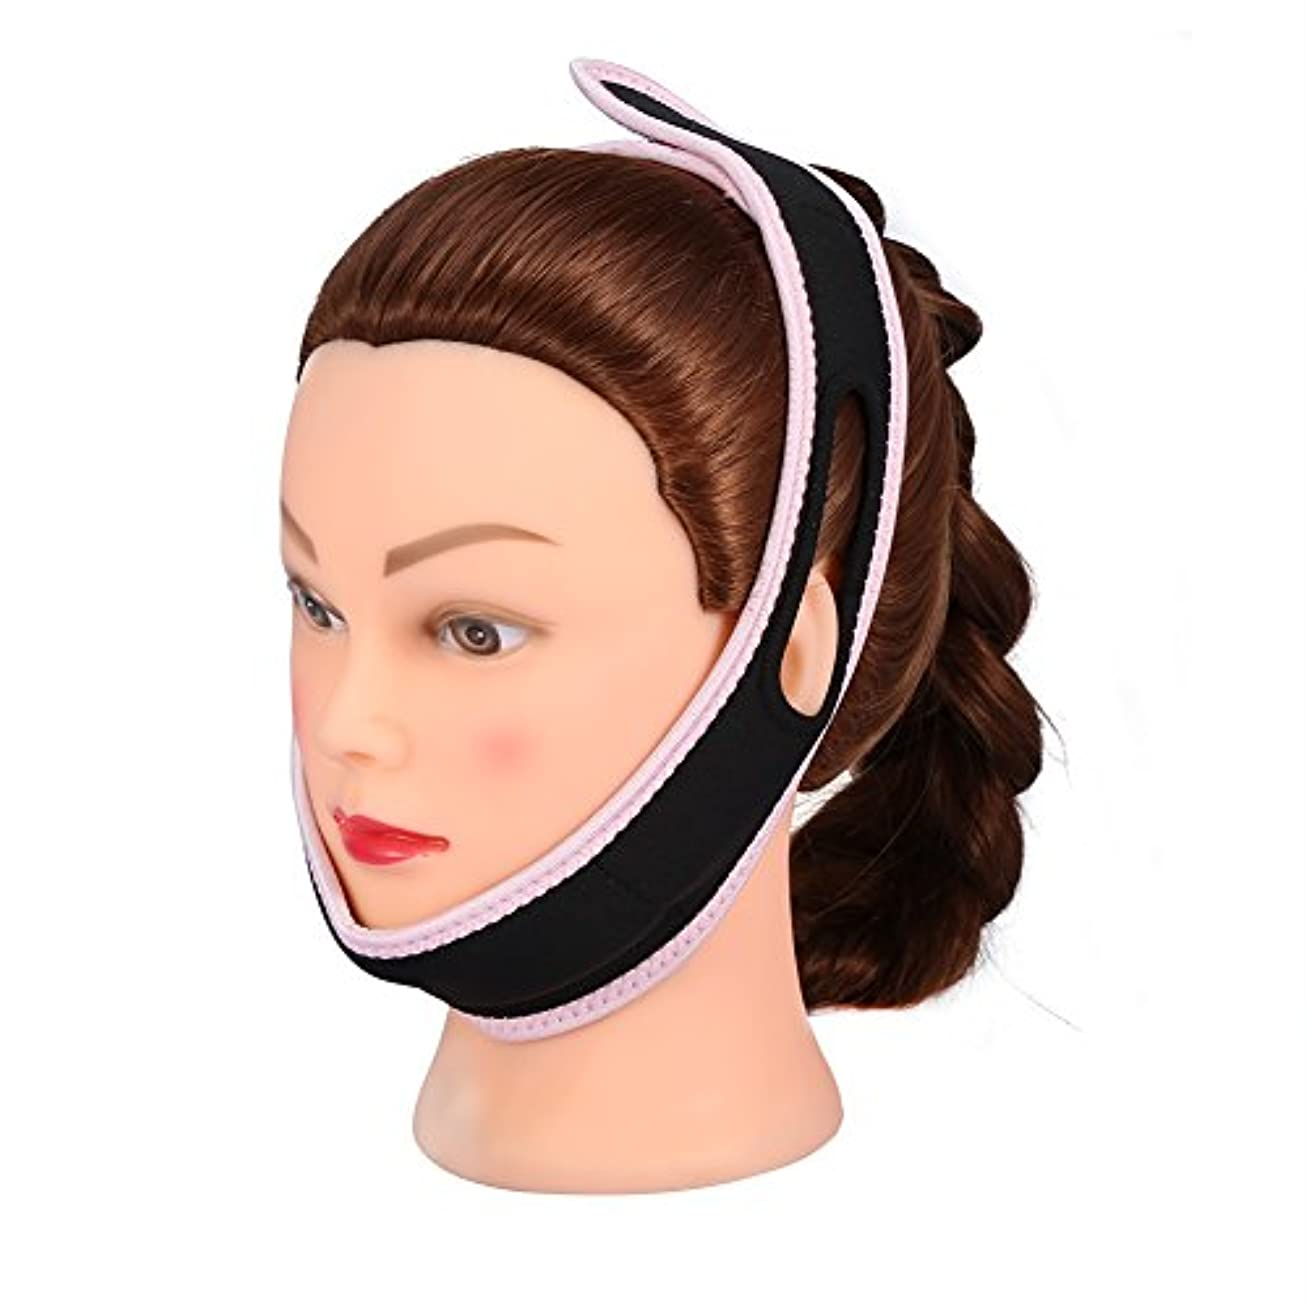 ファントム虹お酢顔の包帯フェイシャルスリミングマスクナイロン&ポリエステルフェイスケアのための薄い首の顔リフトダブルチン女性、黒